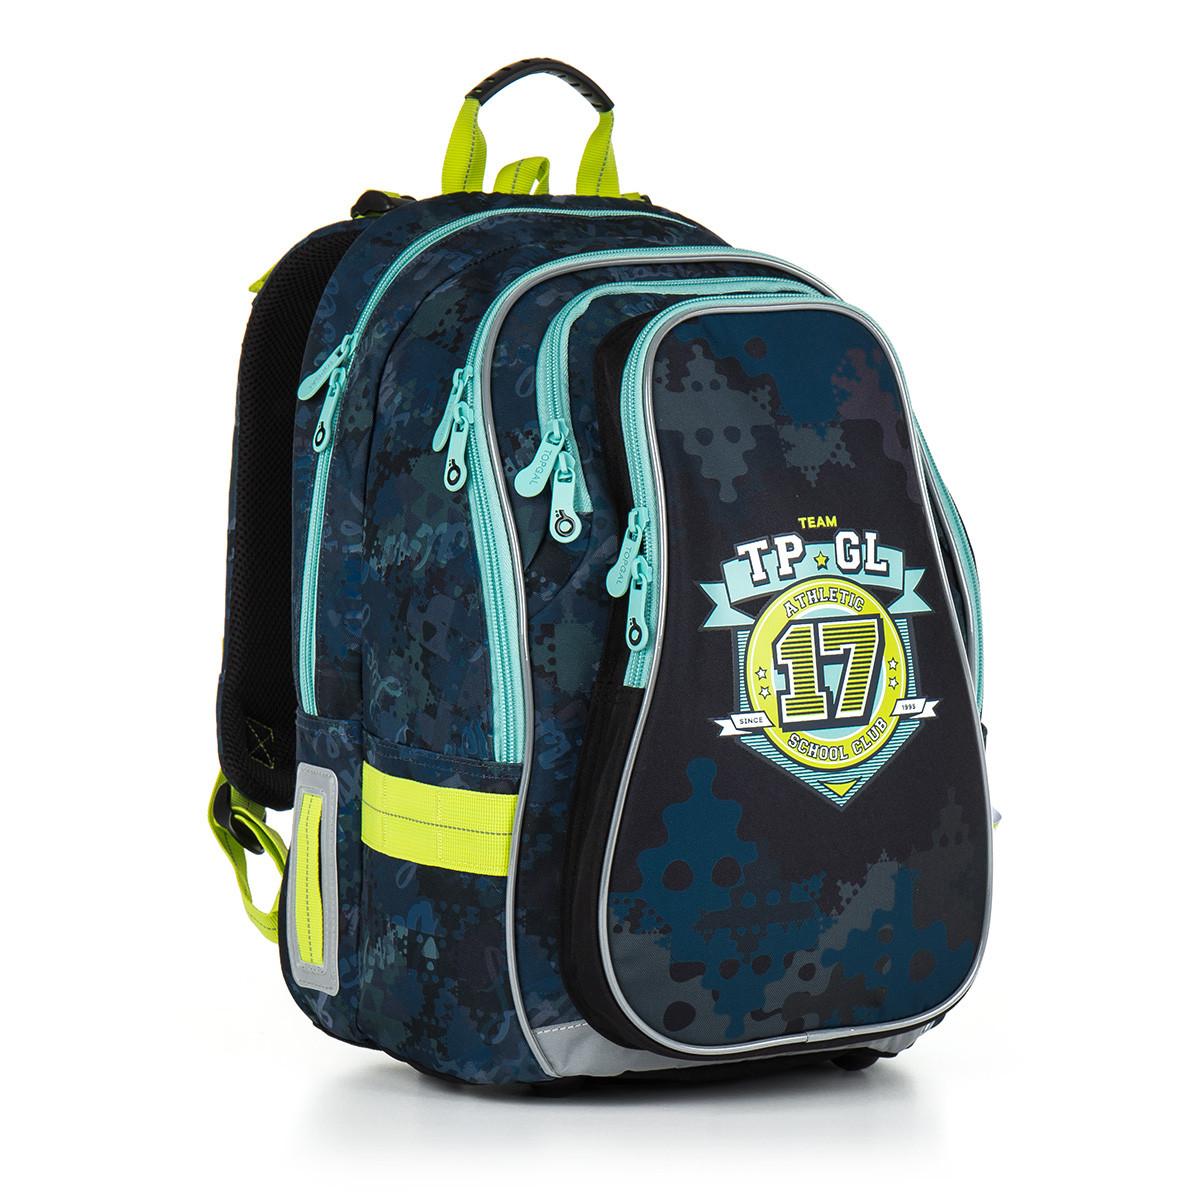 ae7c3cb3a9c Školní batoh Topgal - CHI 878 D - Blue